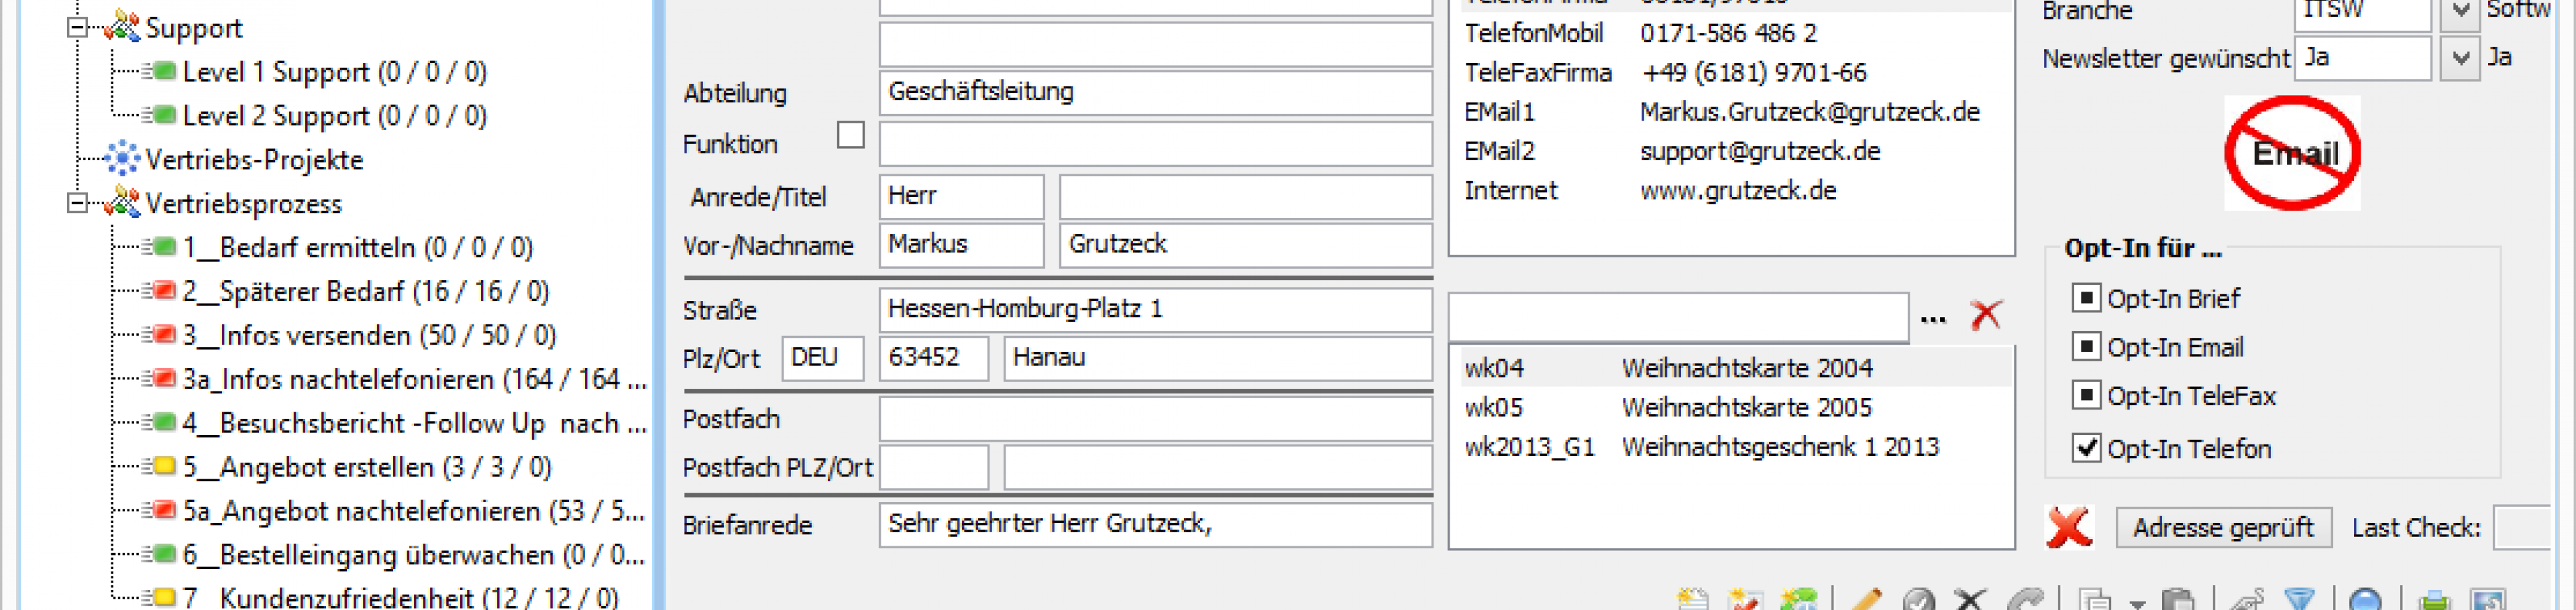 CRM Software AG-VIP SQL mit frischem Oberflächendesign